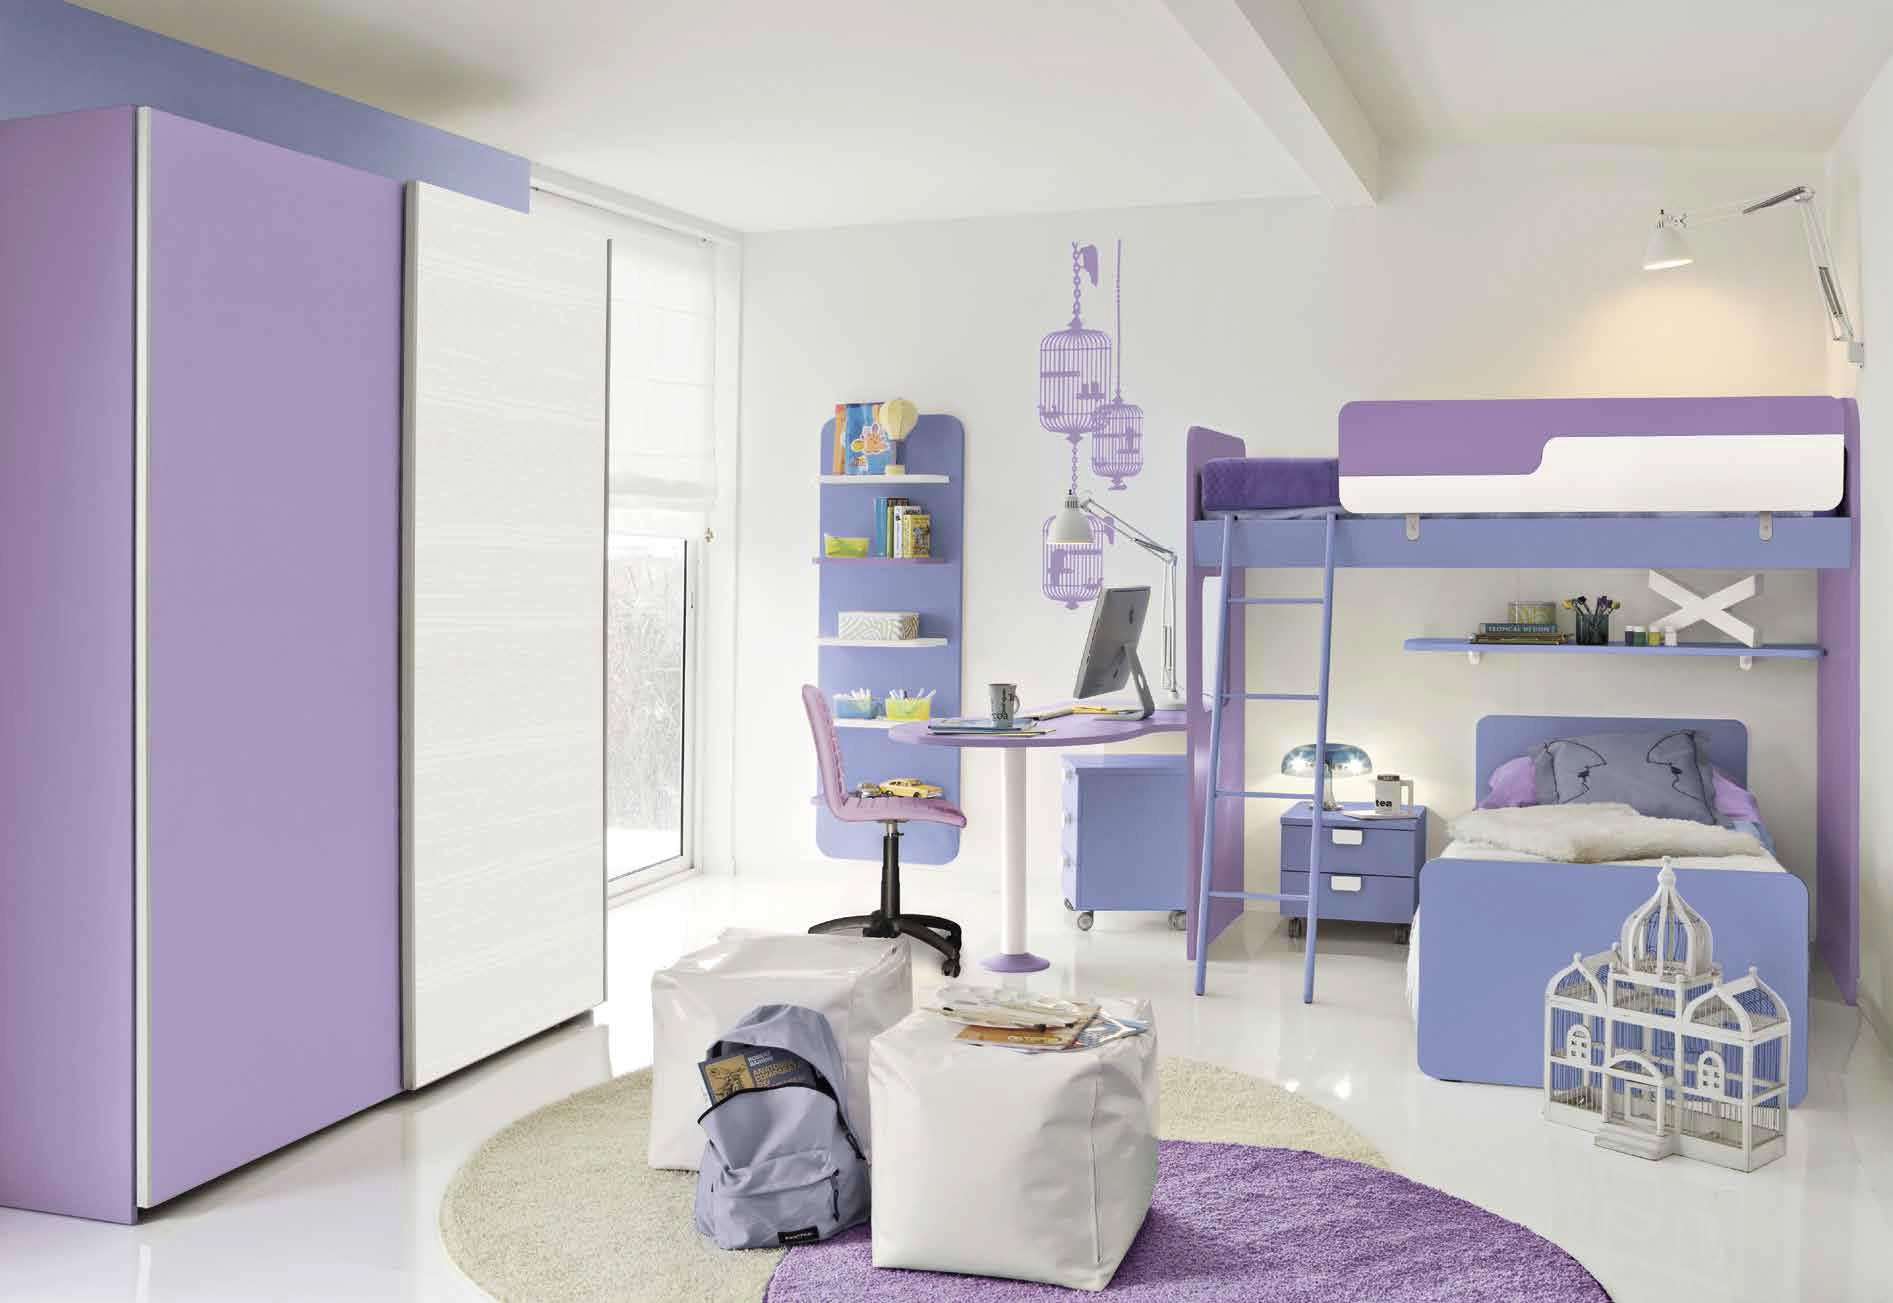 Camerette attrezzate la camera per ragazzi capitolo 5 lineatre arredamenti alberobello - Camerette con 3 letti ...